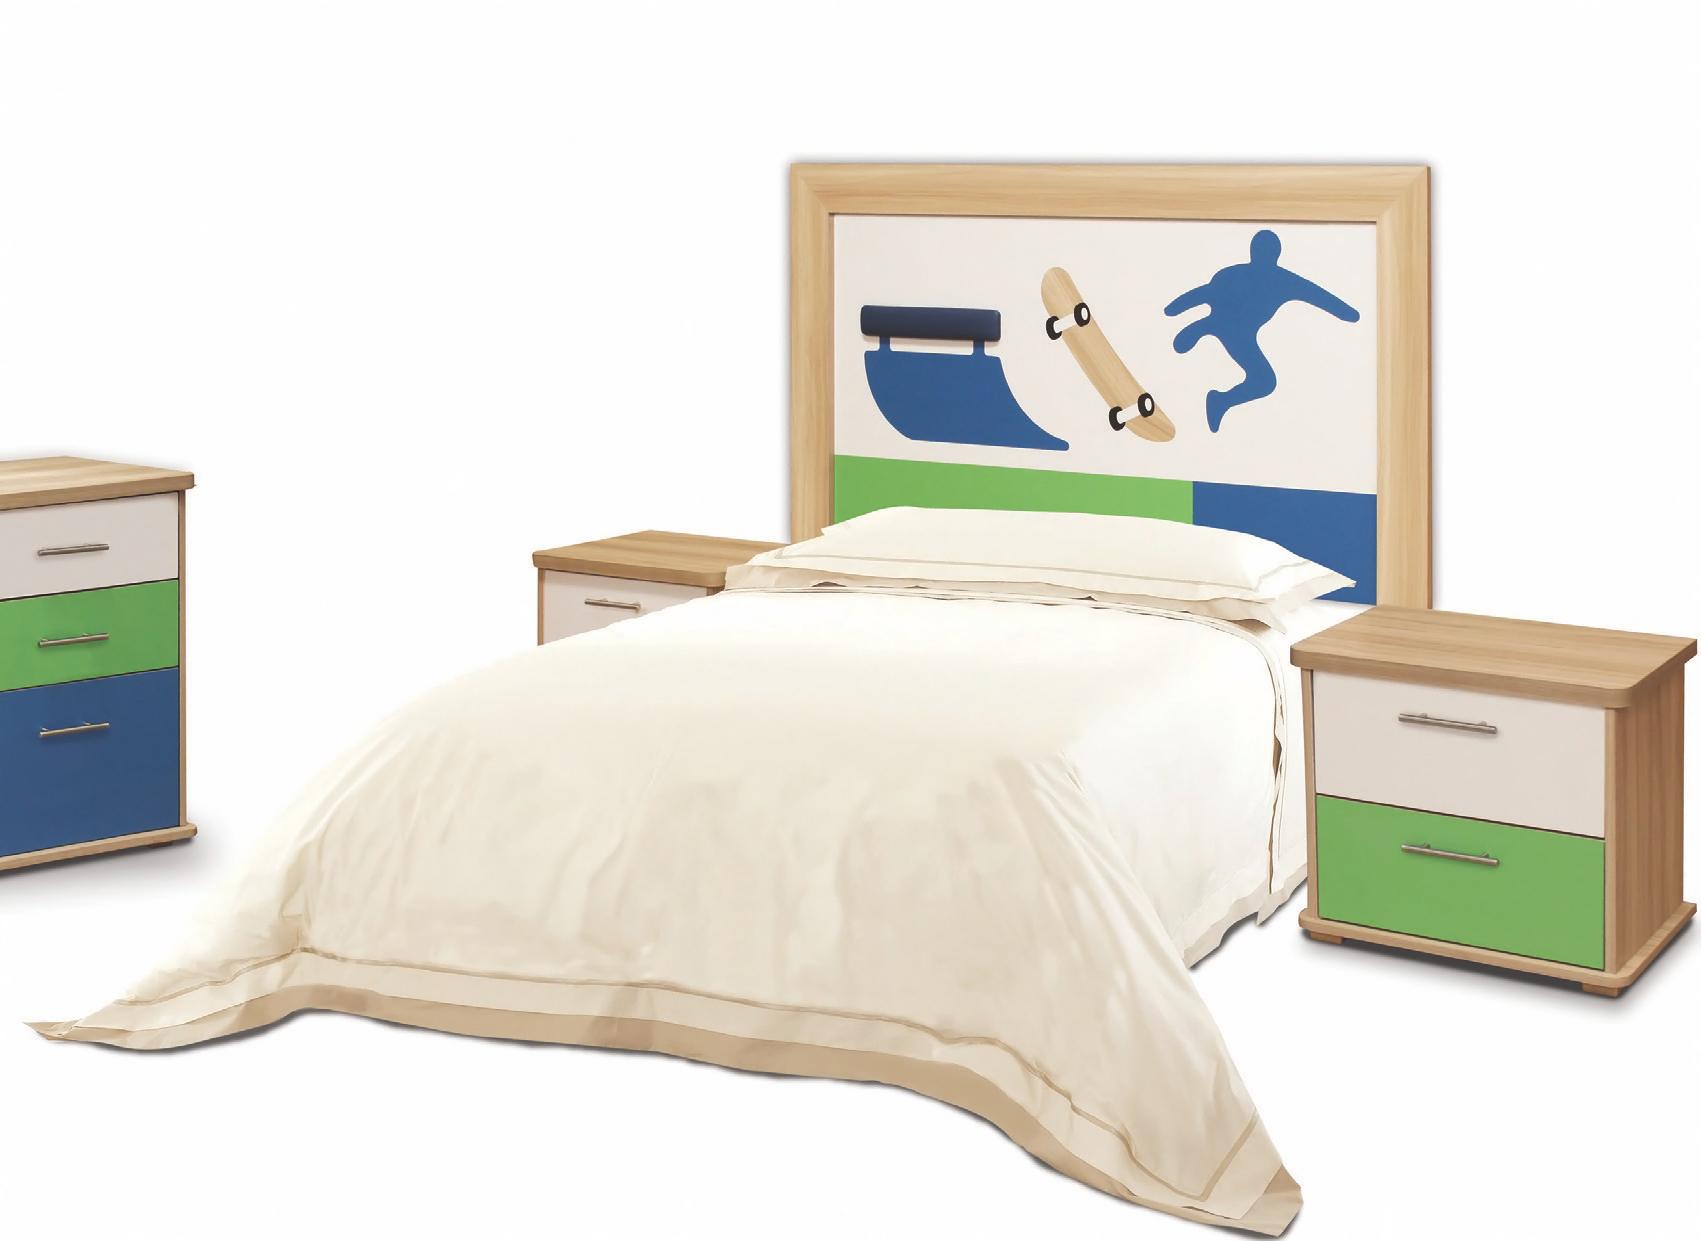 Deco Muebles Muebles Nacionales E Importados Salas Recamaras  # Muebles Recamaras